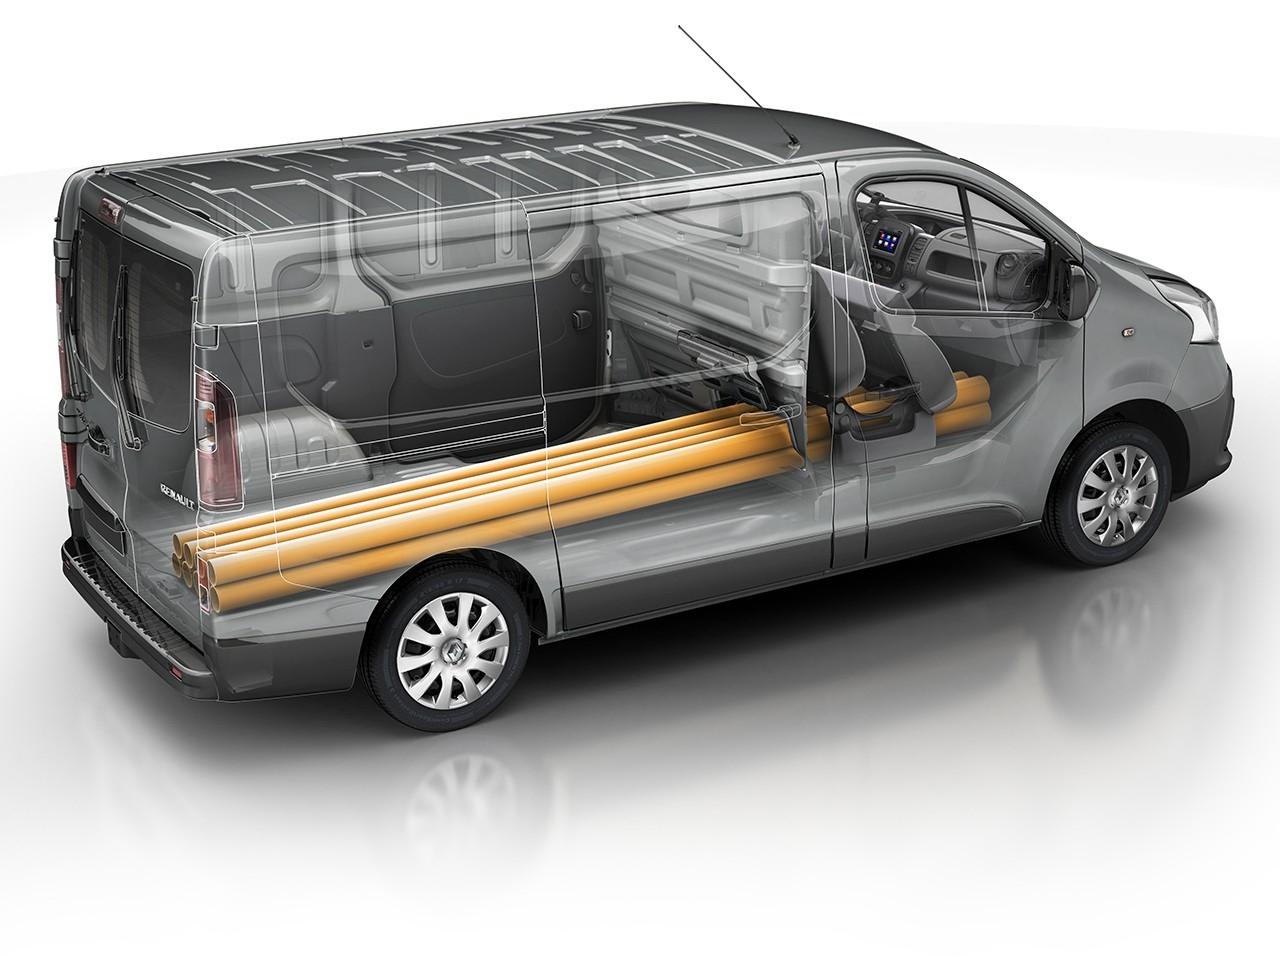 Photo Nouveau Renault Trafic 2015.2 600x450 Nouveau Renault Trafic